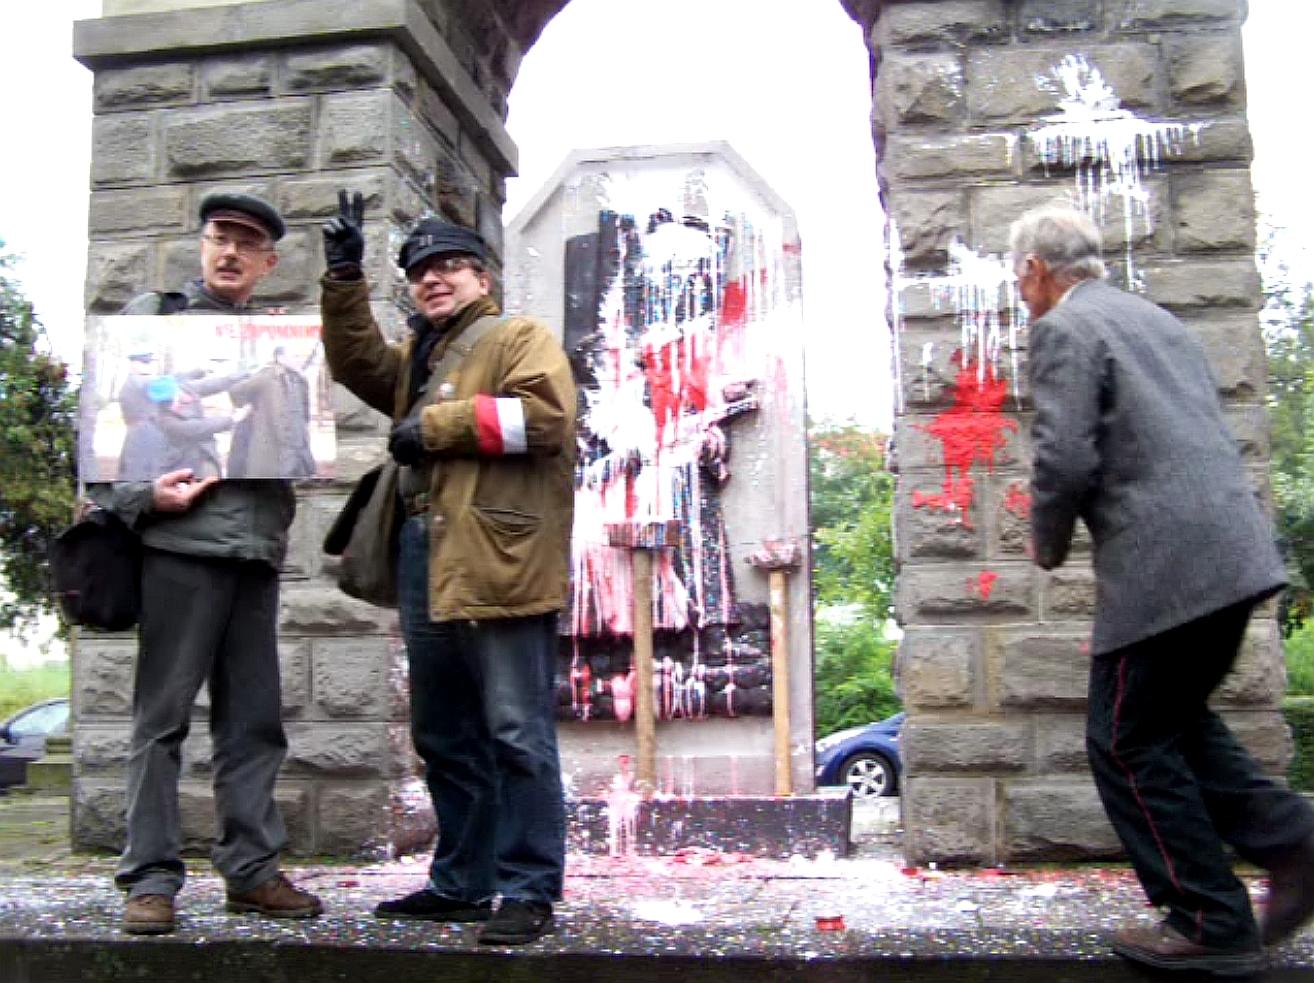 WOLNY CZYN: Pomnik Sowietów w Nowym Sączu: umorzenie procesu 19 sierpnia